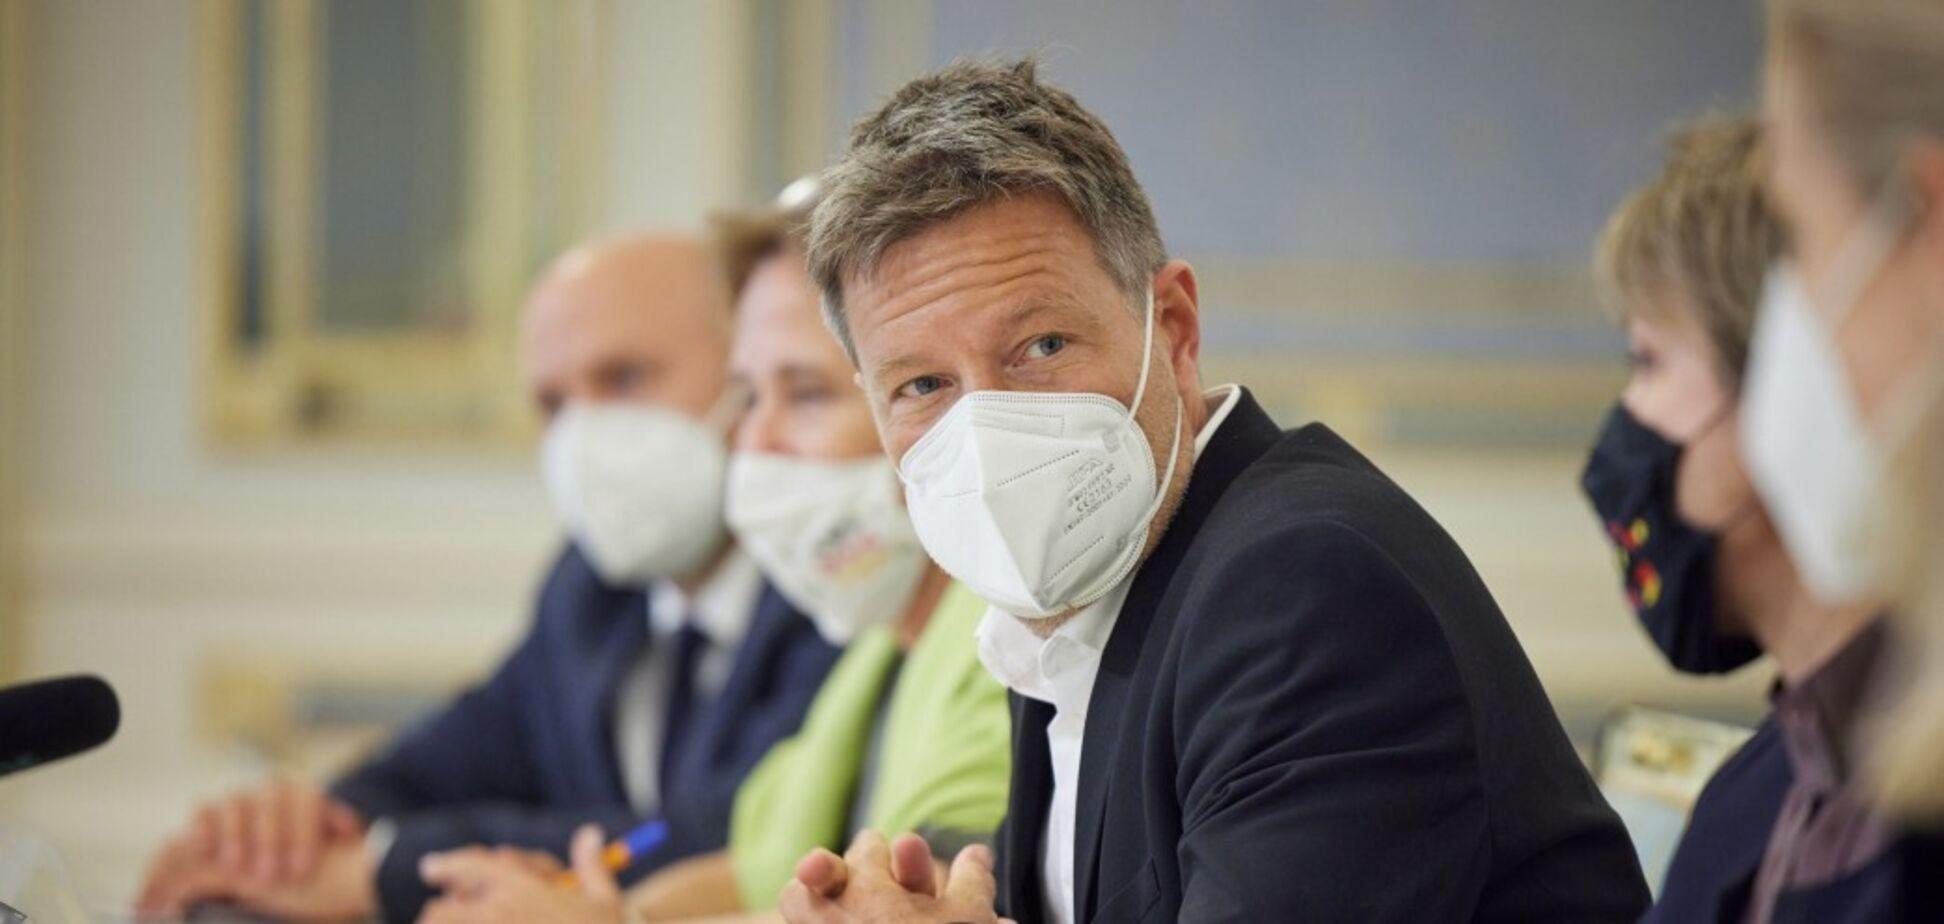 Сопредседатель партии 'Зеленых' Германии поддержал предоставление Украине оружия и высказался о ее вступлении в НАТО